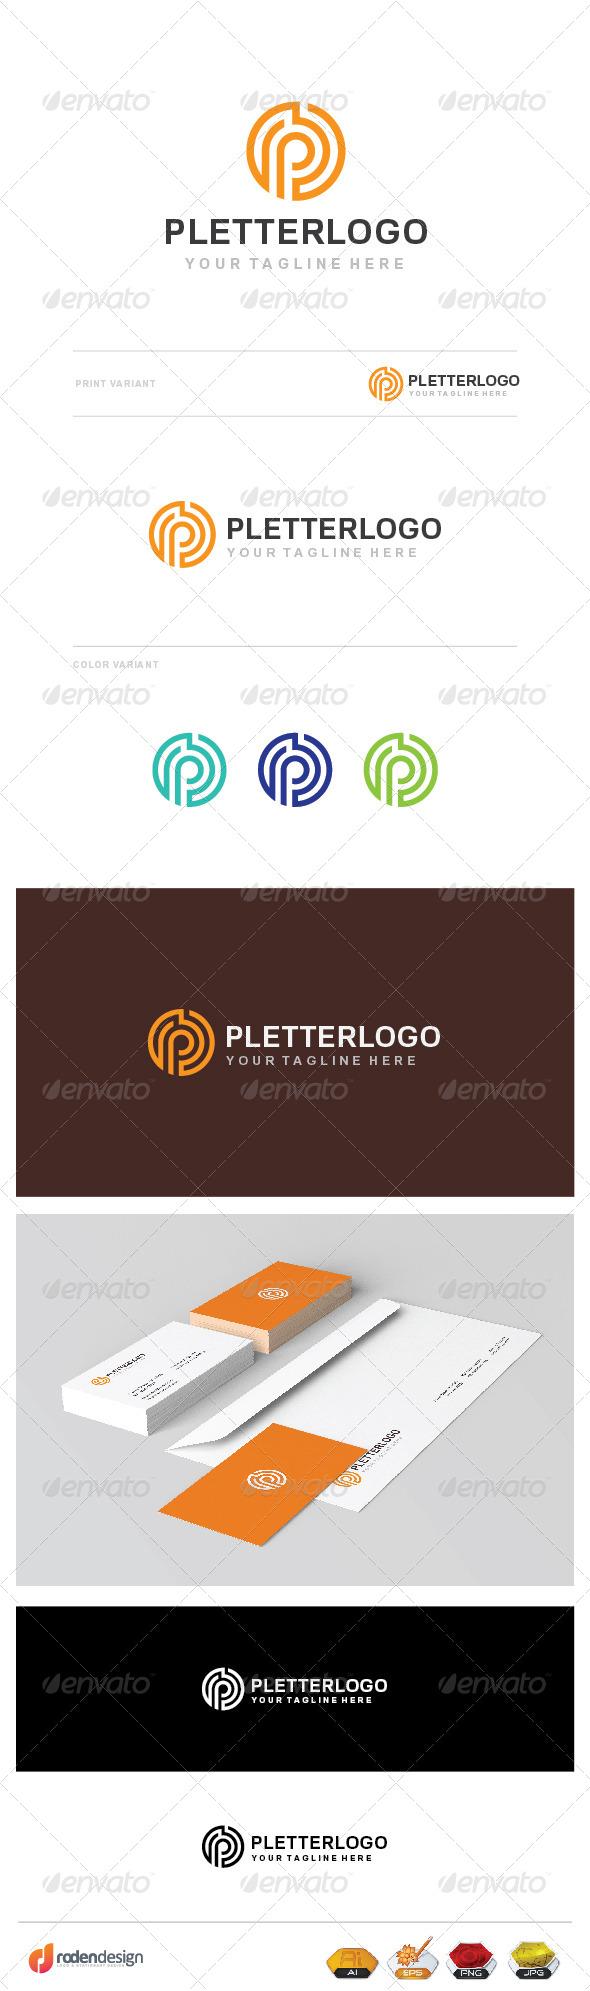 GraphicRiver P Letter Logo 7772401